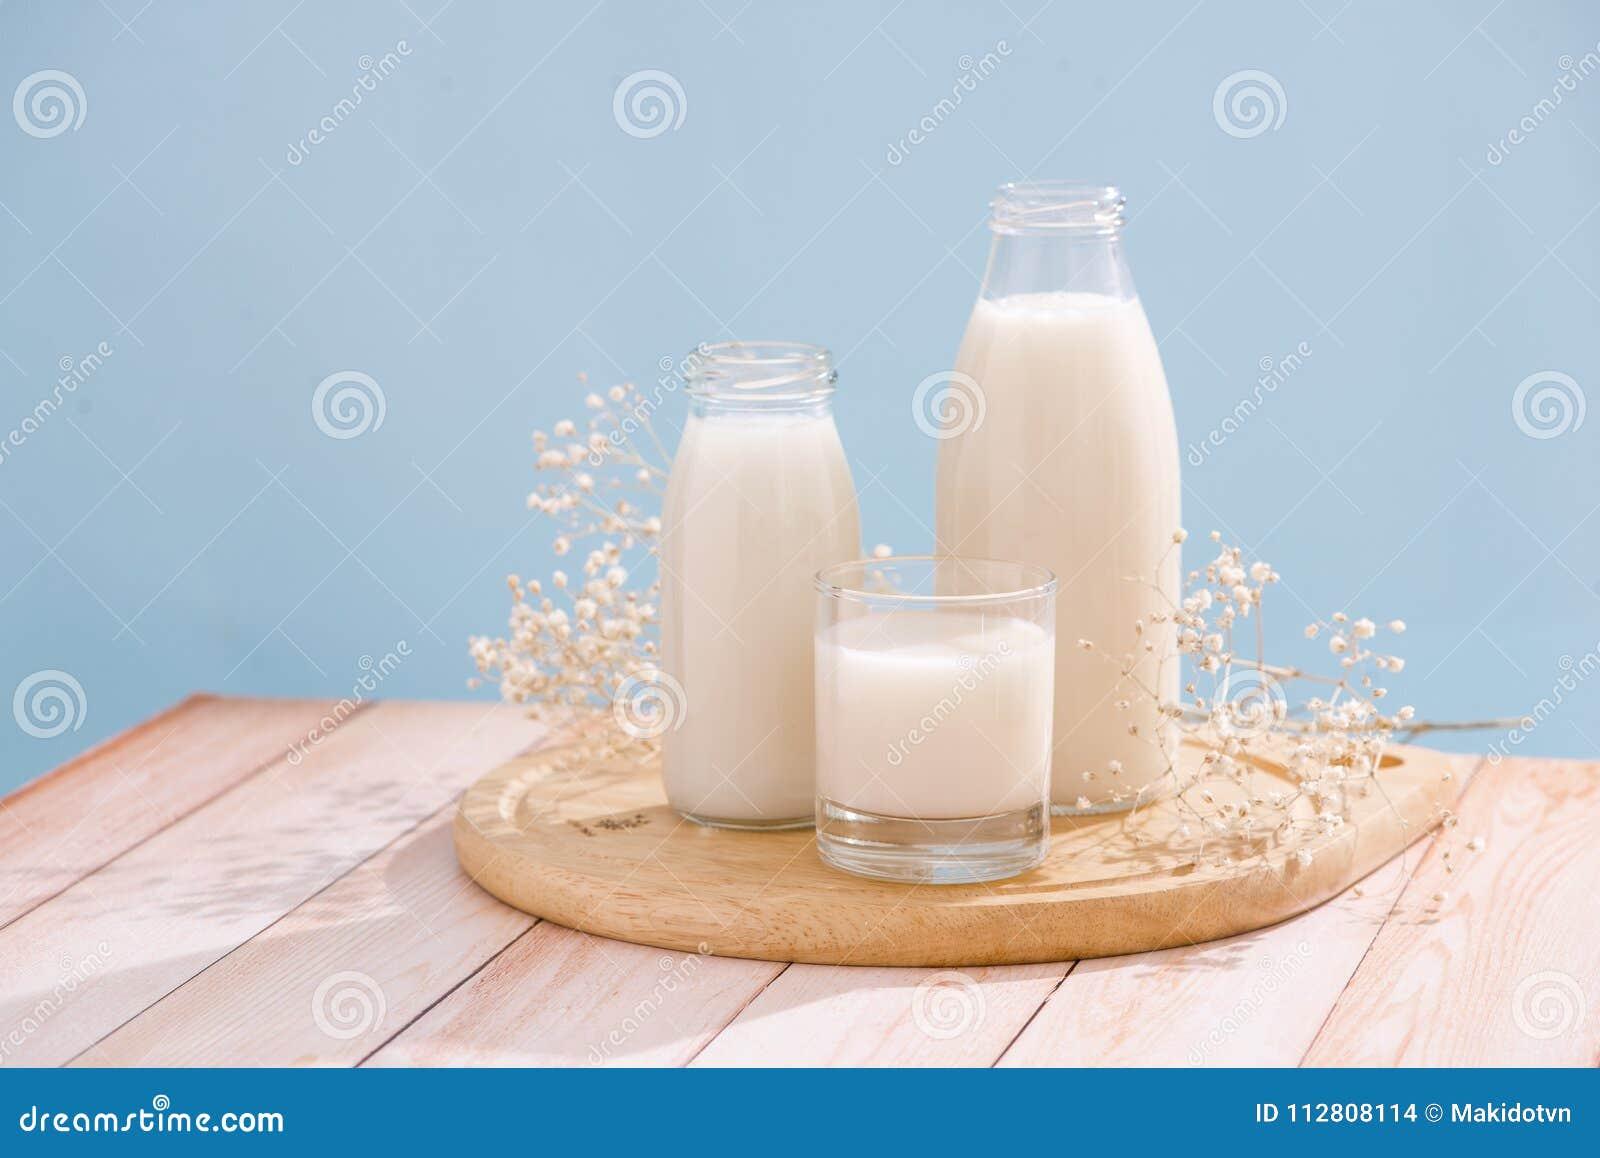 Prodotti lattier-caseario Bottiglia con latte e bicchiere di latte sulla linguetta di legno